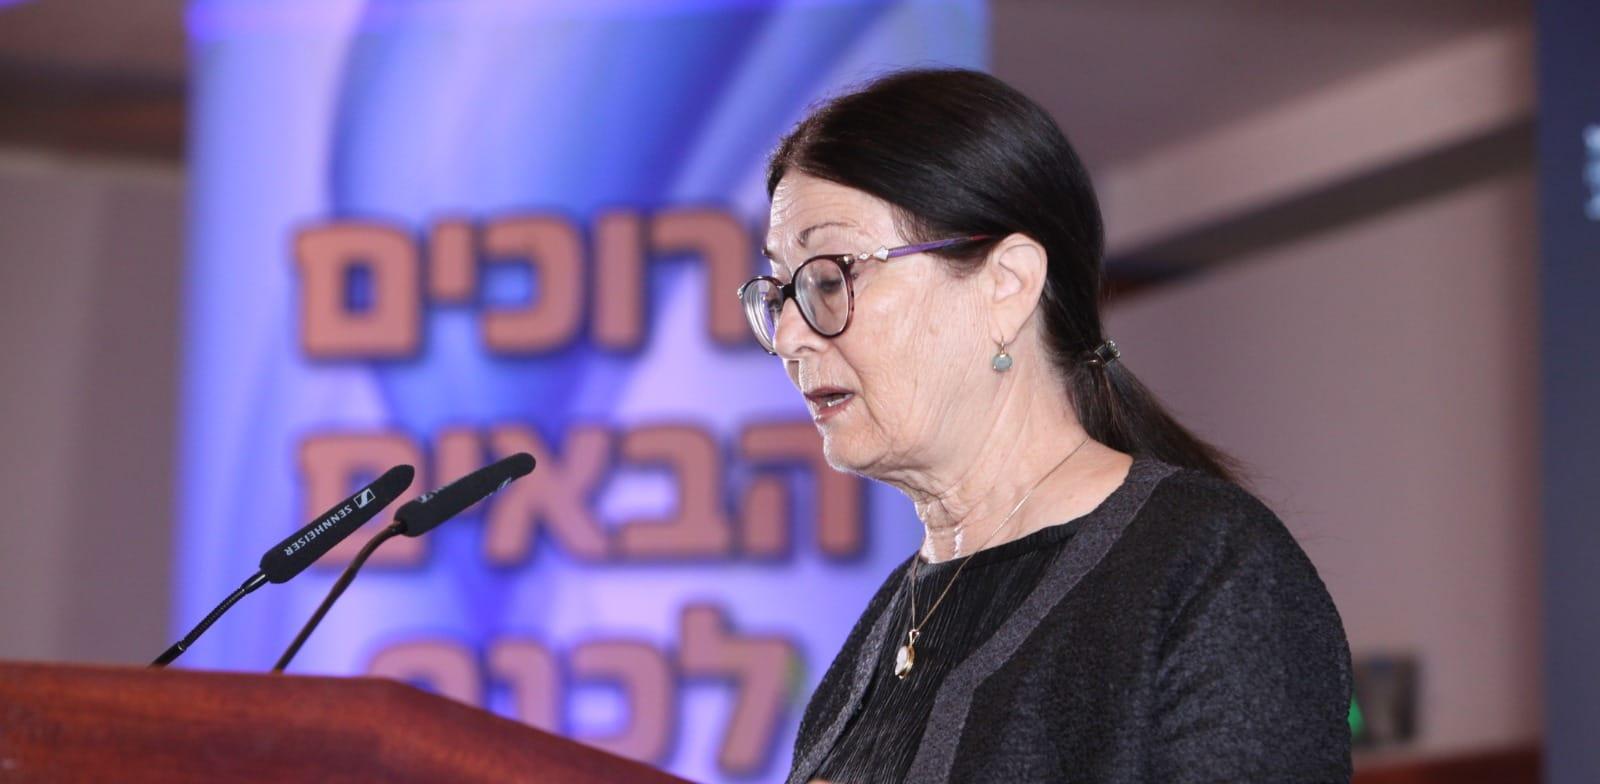 נשיאת בית המשפט העליון, השופטת אסתר חיות / צילום: דוברות לשכת עורכי הדין